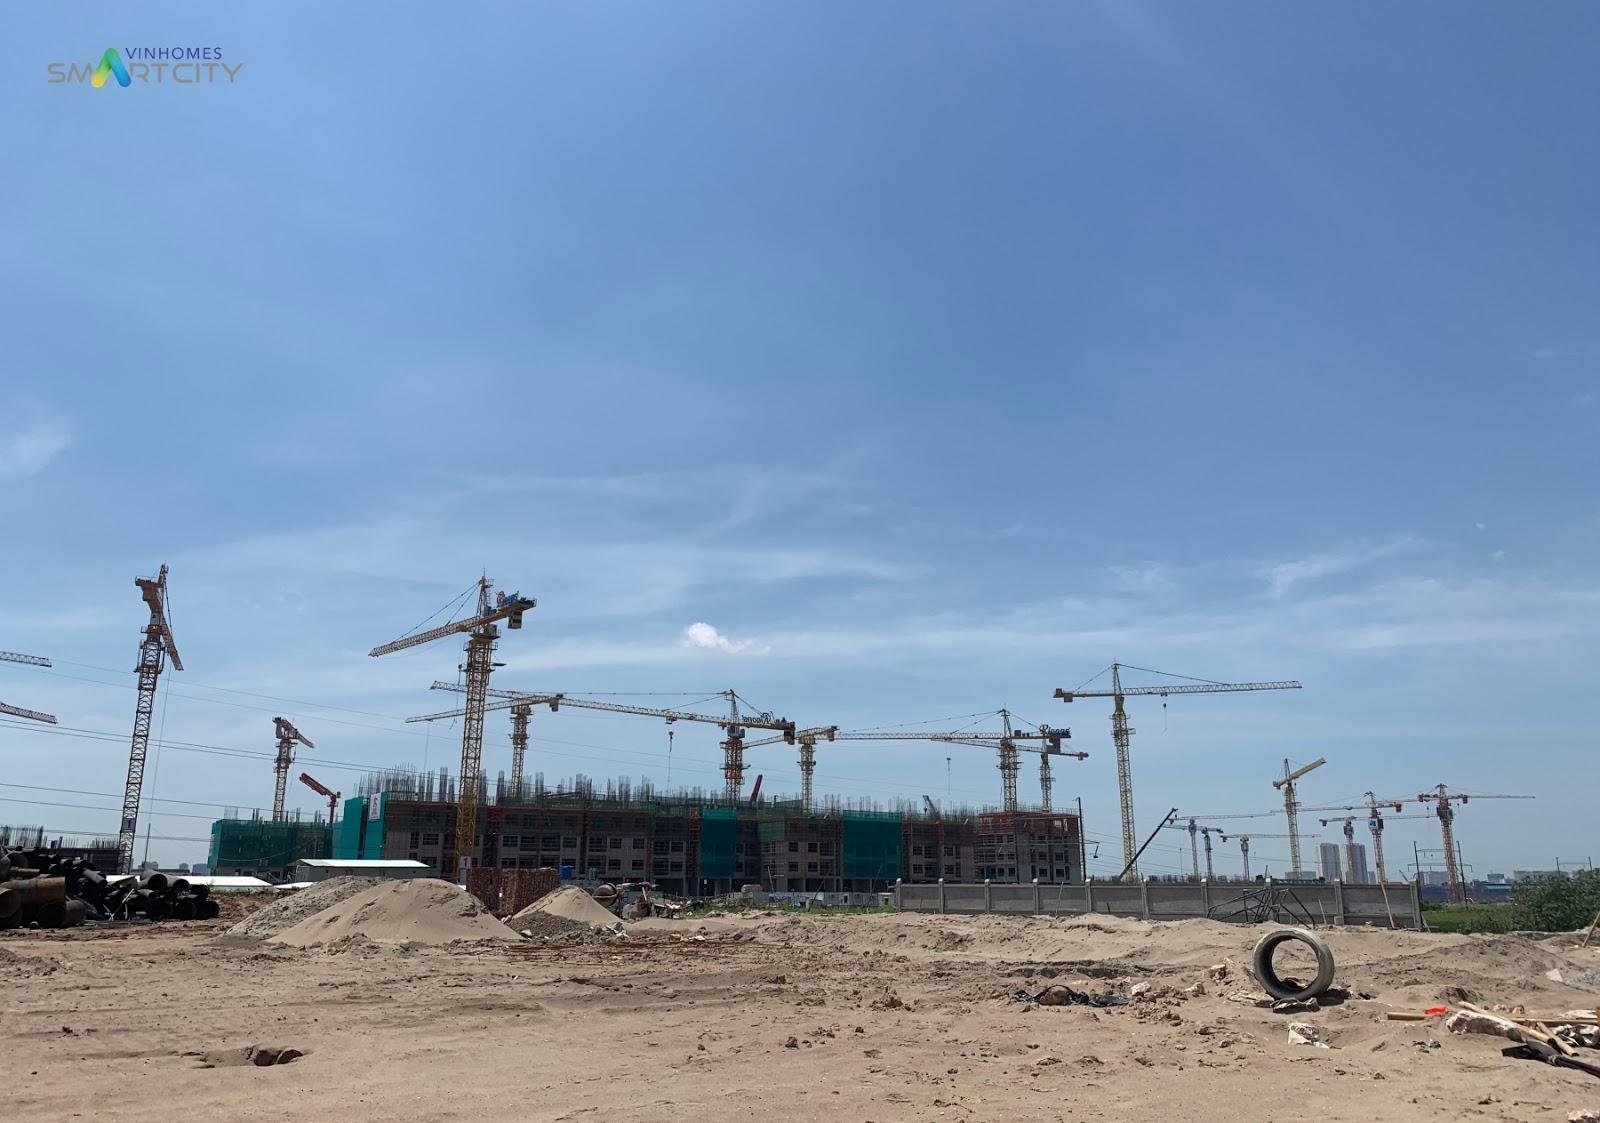 Cập nhật tiến độ xây dựng Vinhomes Đại Mỗ tháng 6/2019